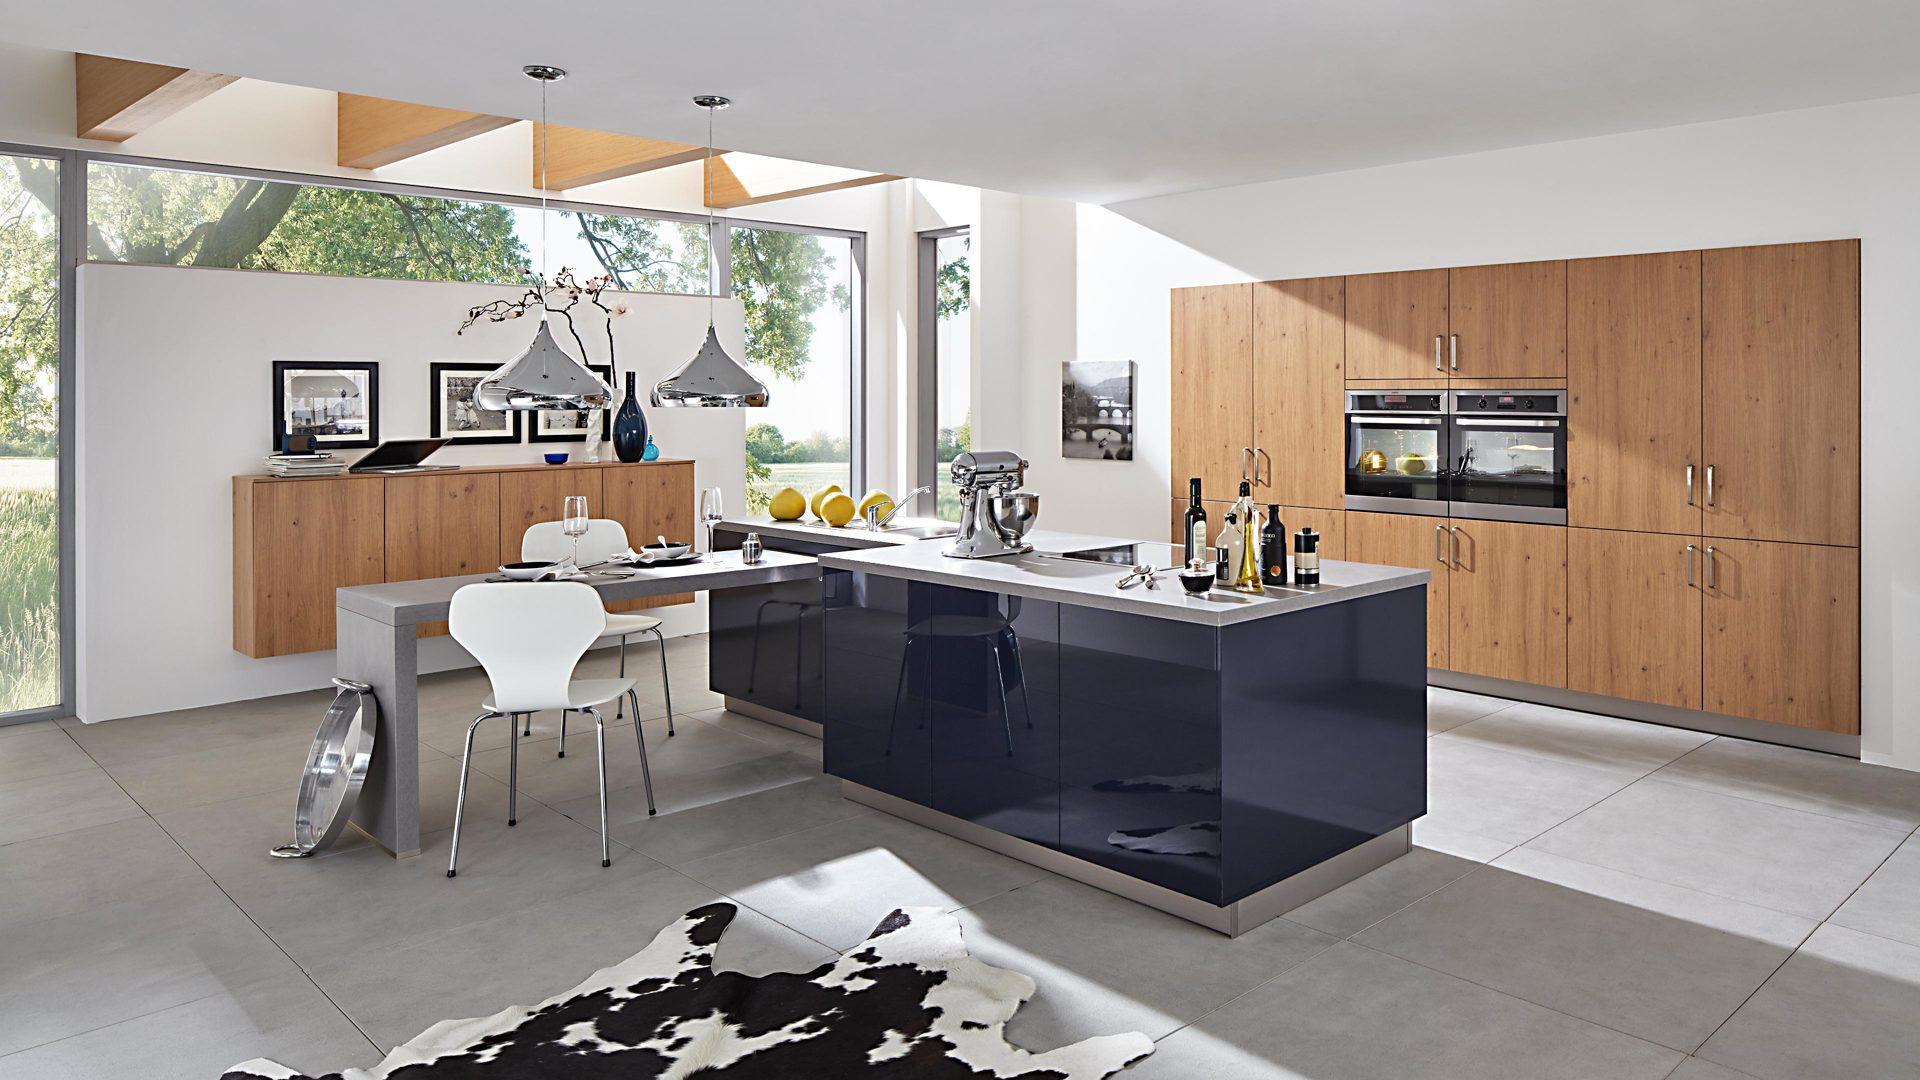 Aeg Kühlschrank Produktnummer : Einbauküche mit aeg elektrogeräten asteichefarbene